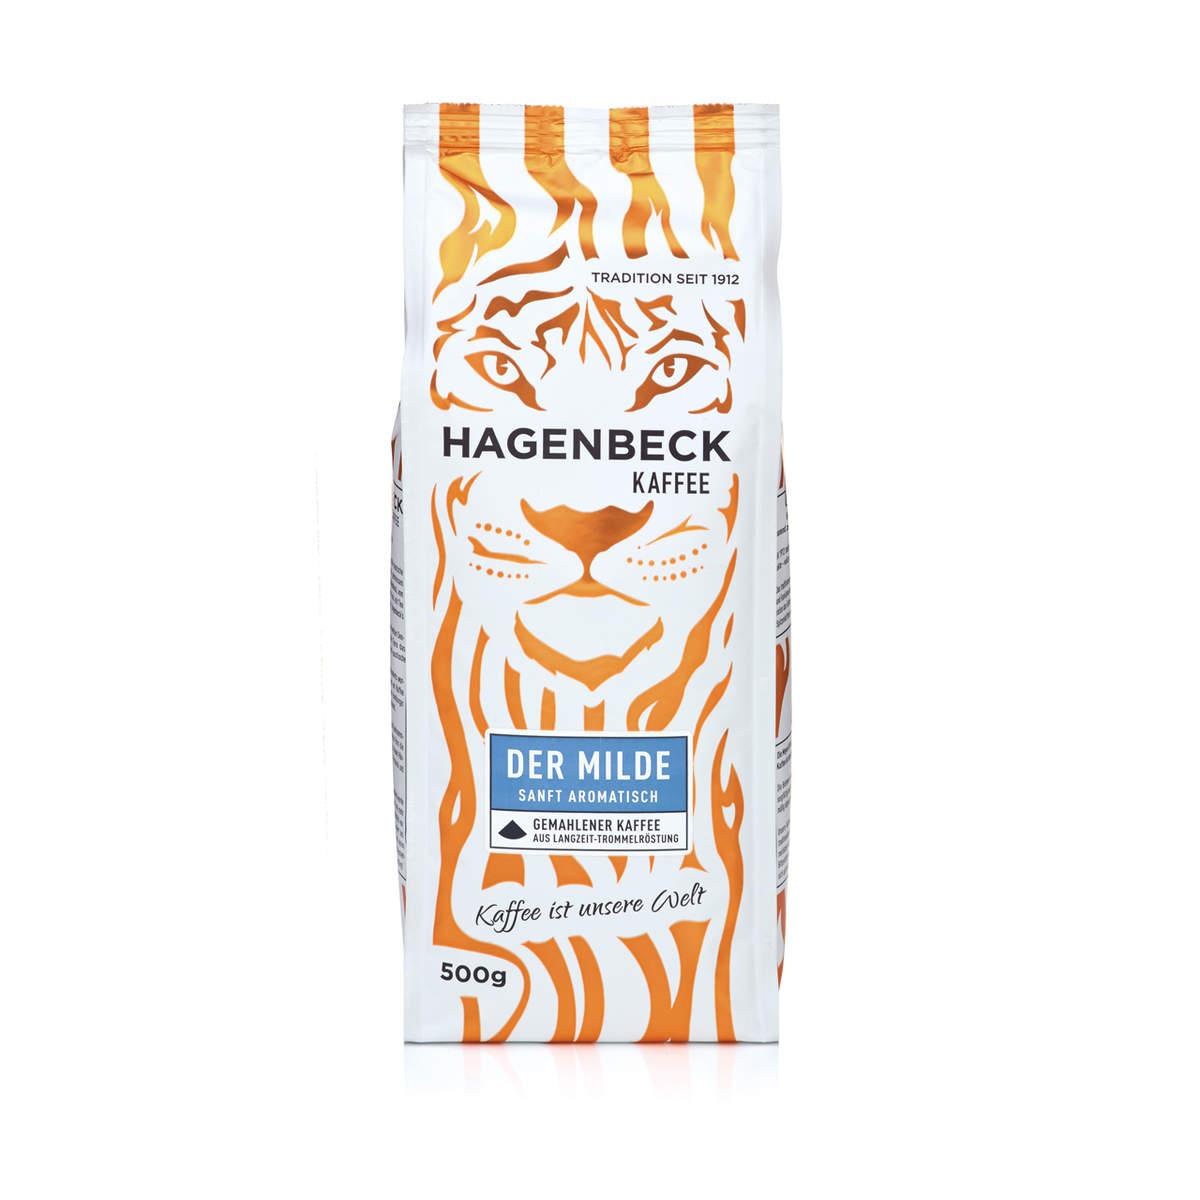 Hagenbeck Kaffee – Der Milde